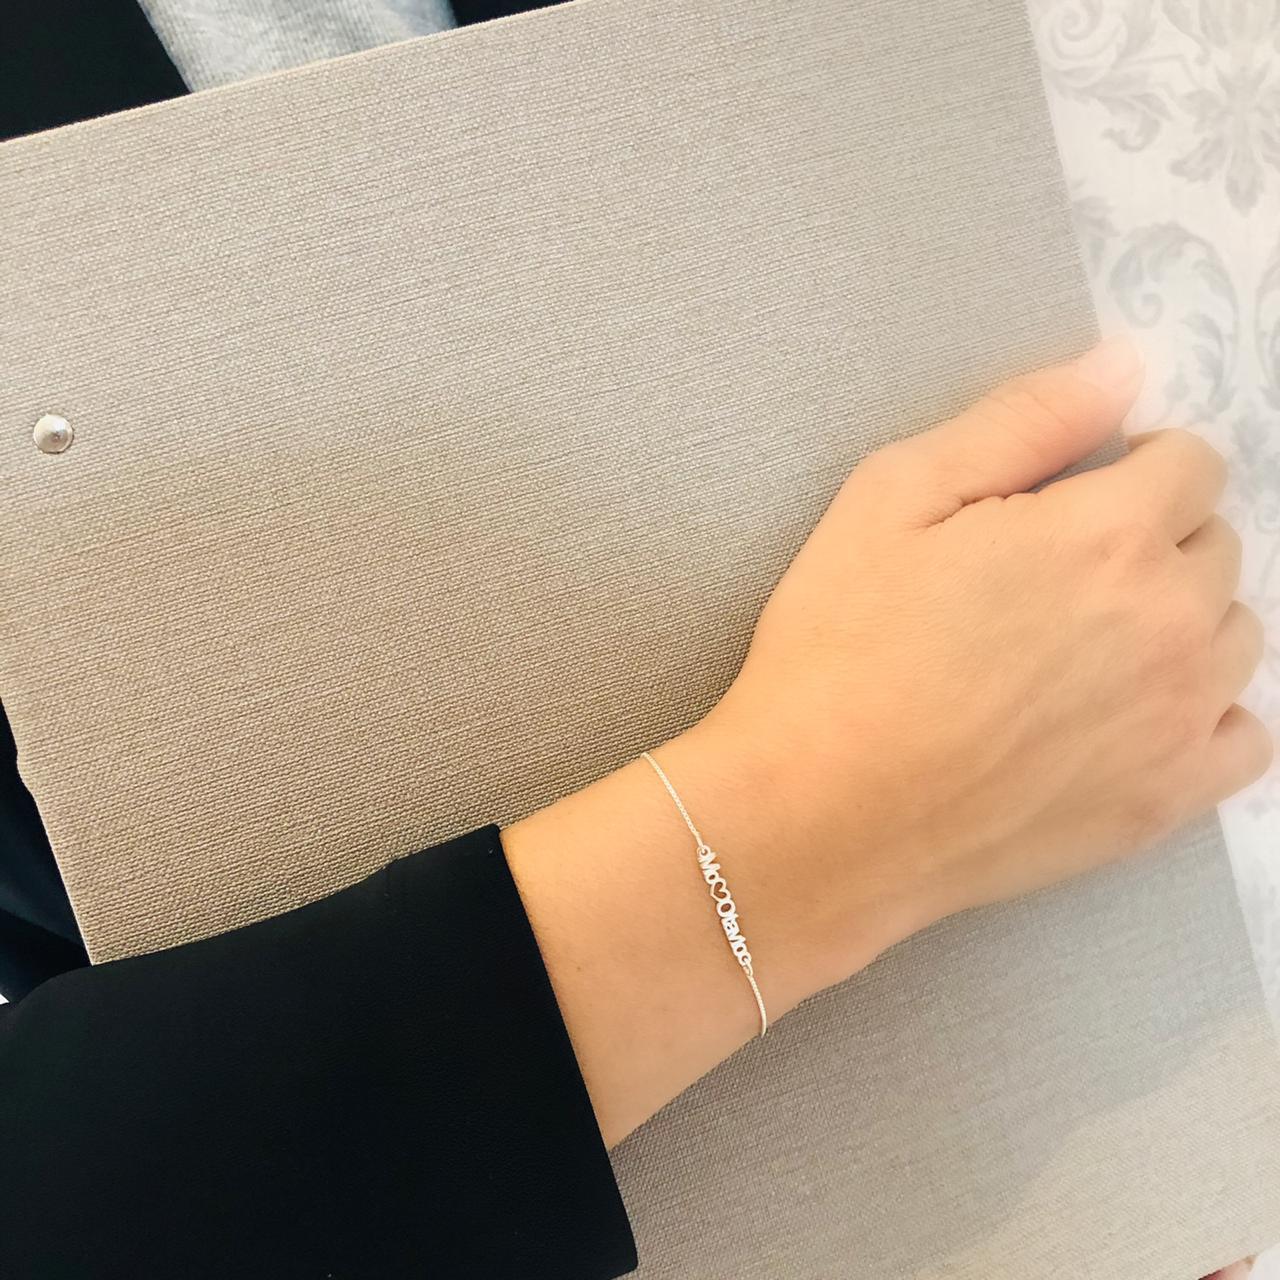 Pulseira Feminina Manuscrita a laser, com corações nas laterais, Banho de Ouro 18k